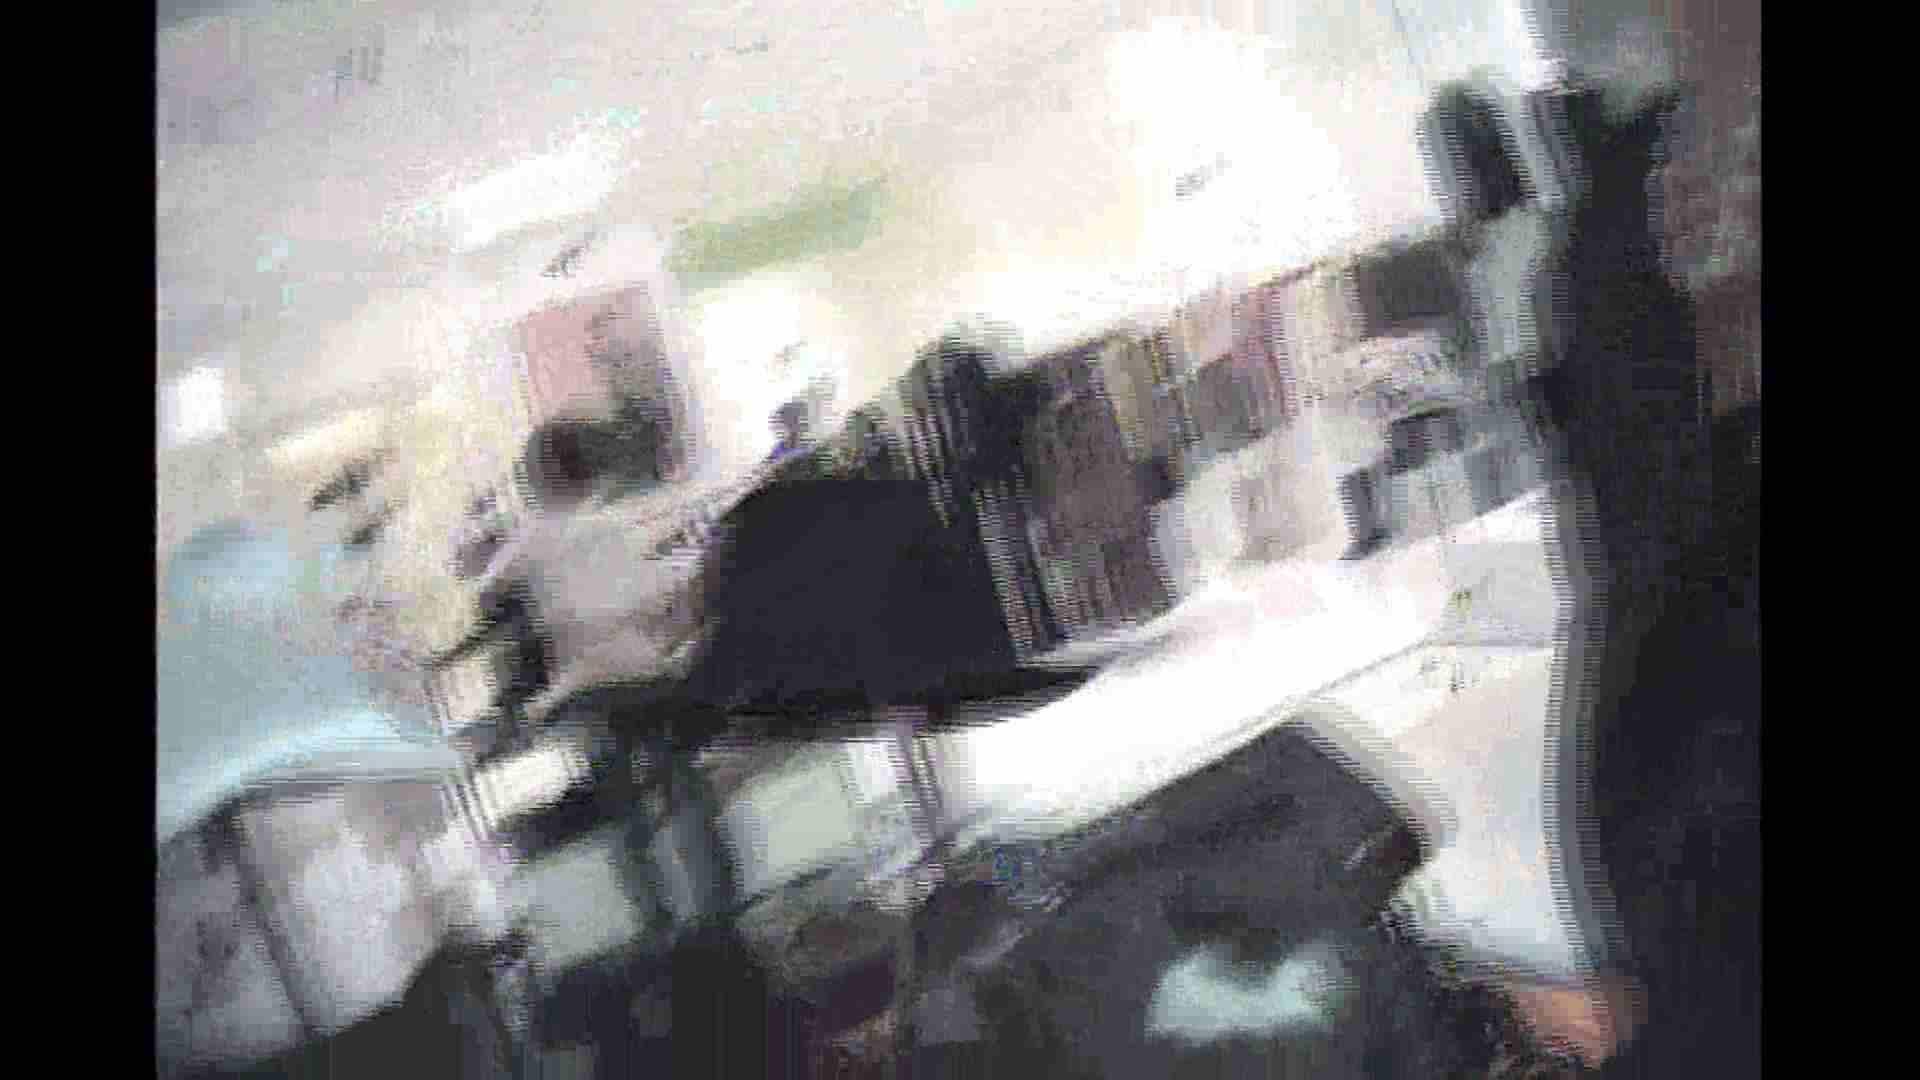 働く美女の谷間参拝 Vol.14 乳首 のぞきエロ無料画像 53連発 23